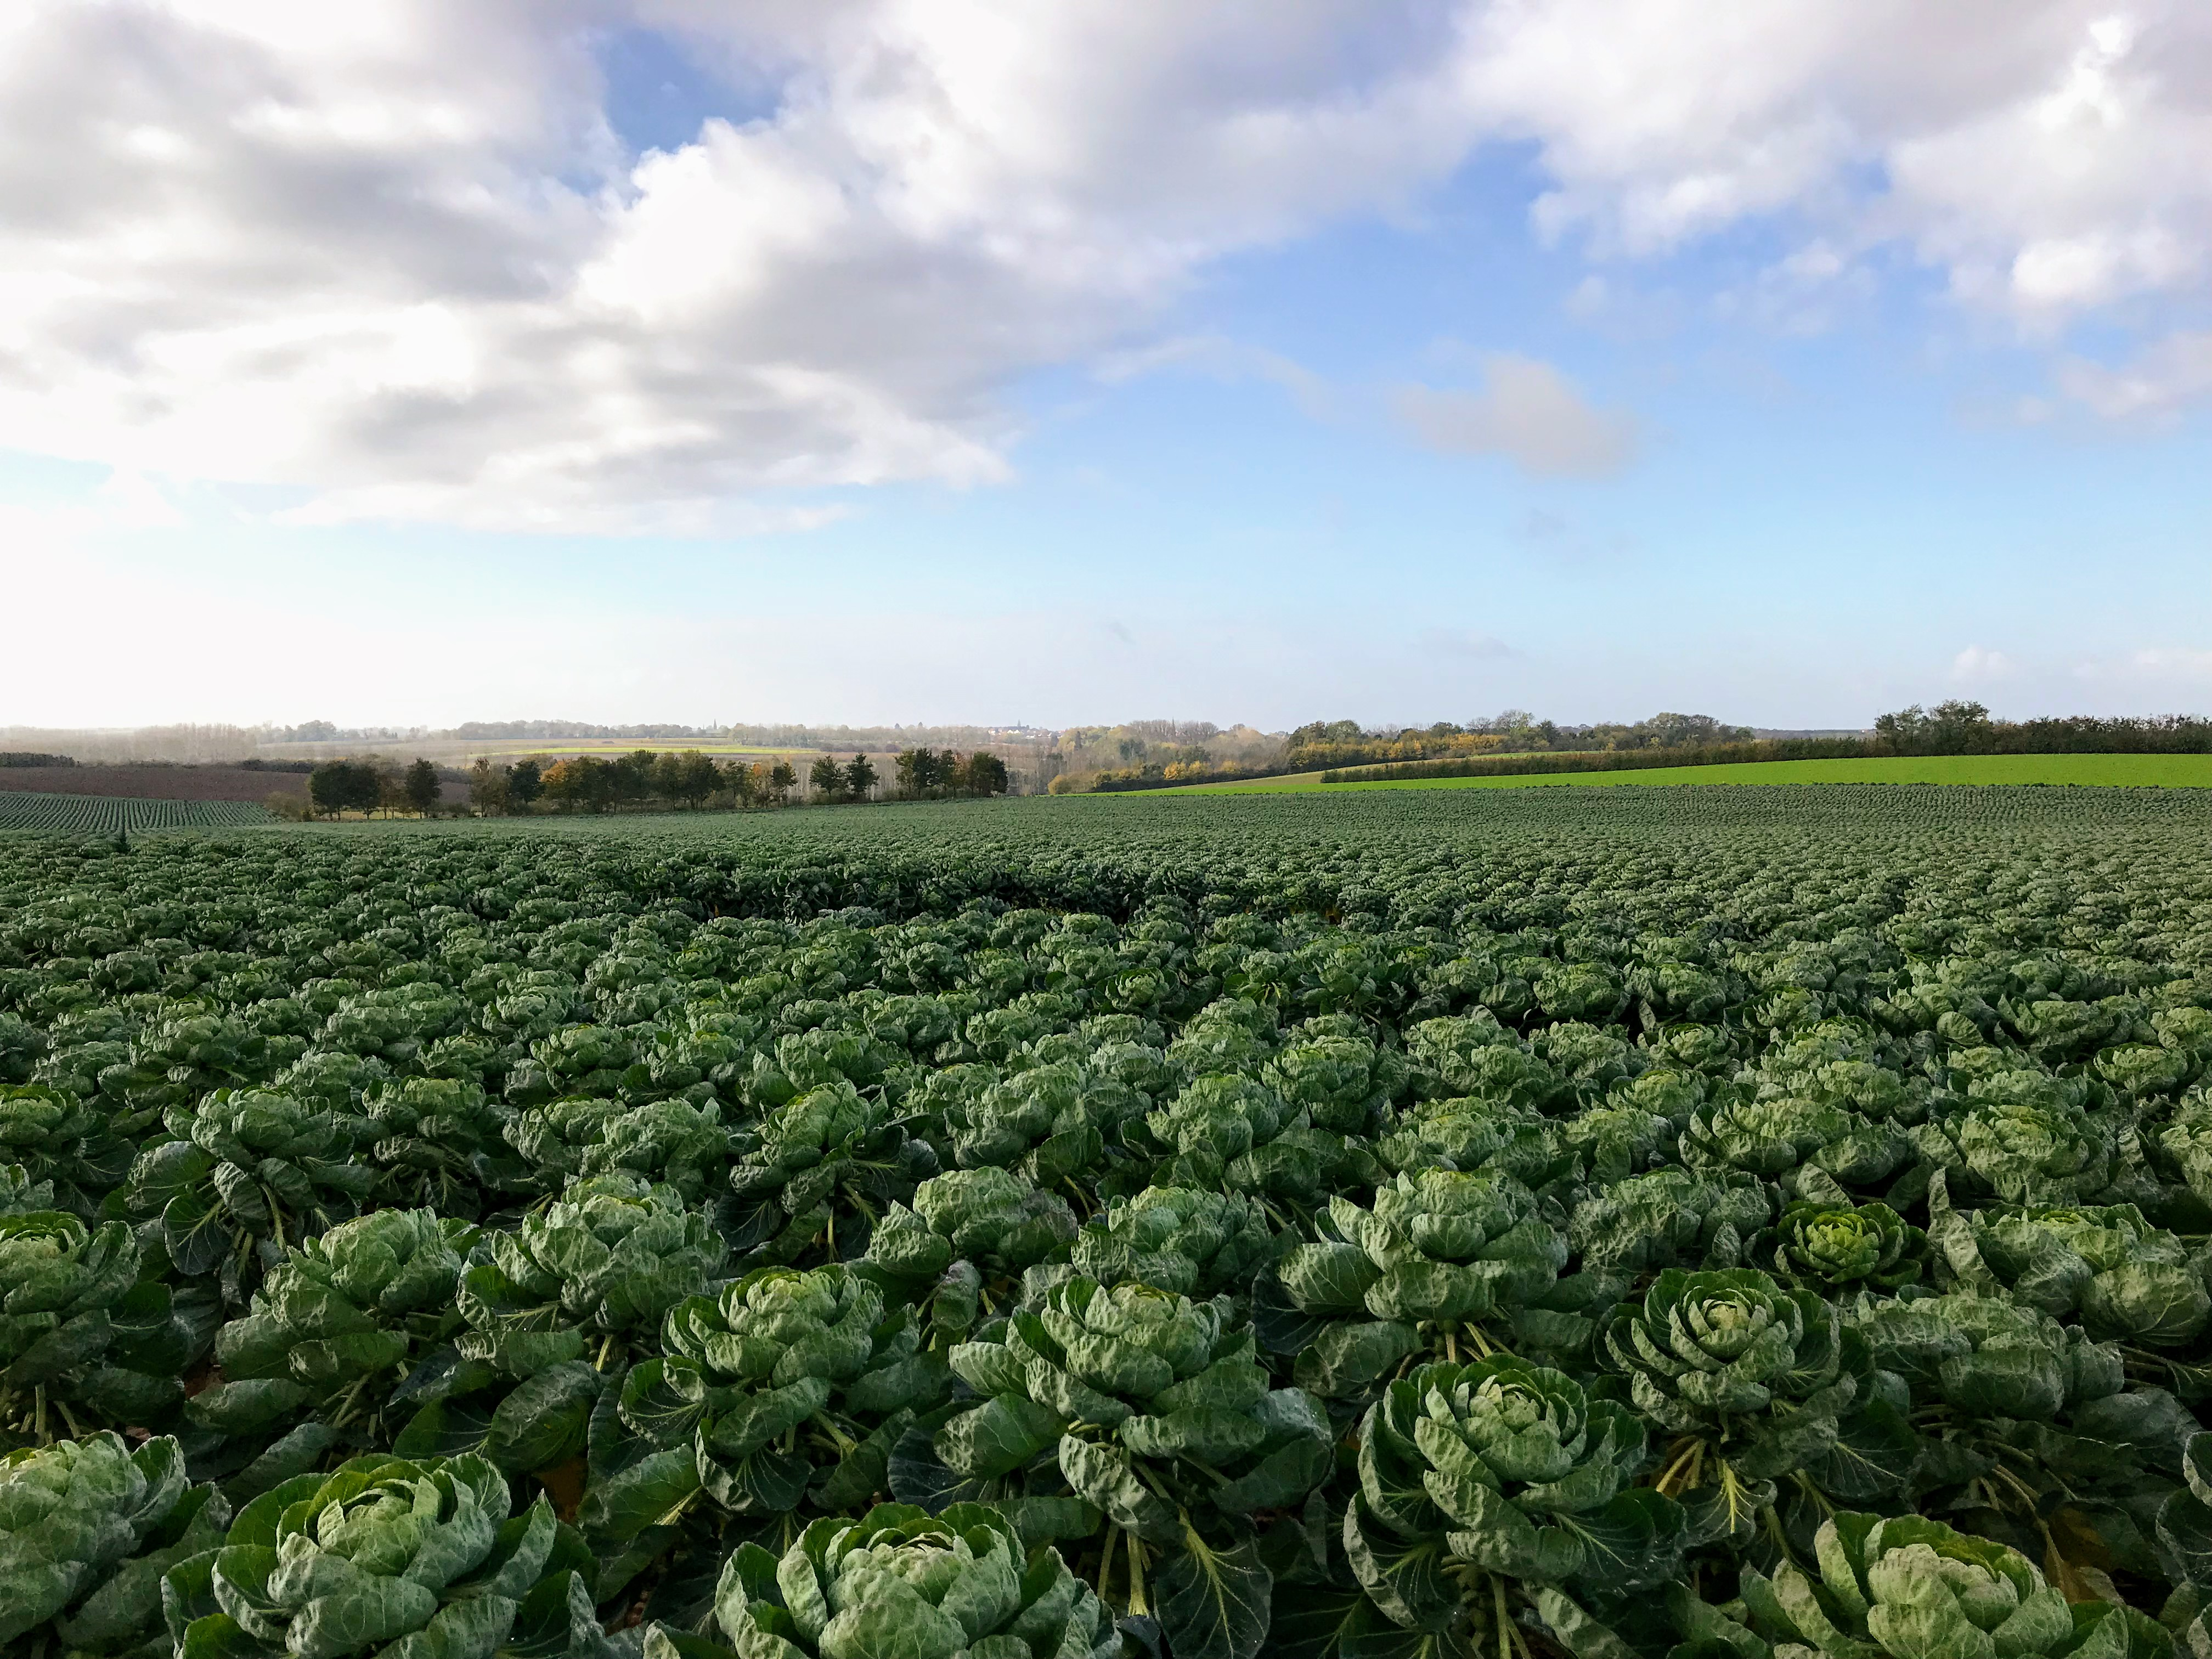 Een veld vol met spruiten in Mettekoven, Limburg